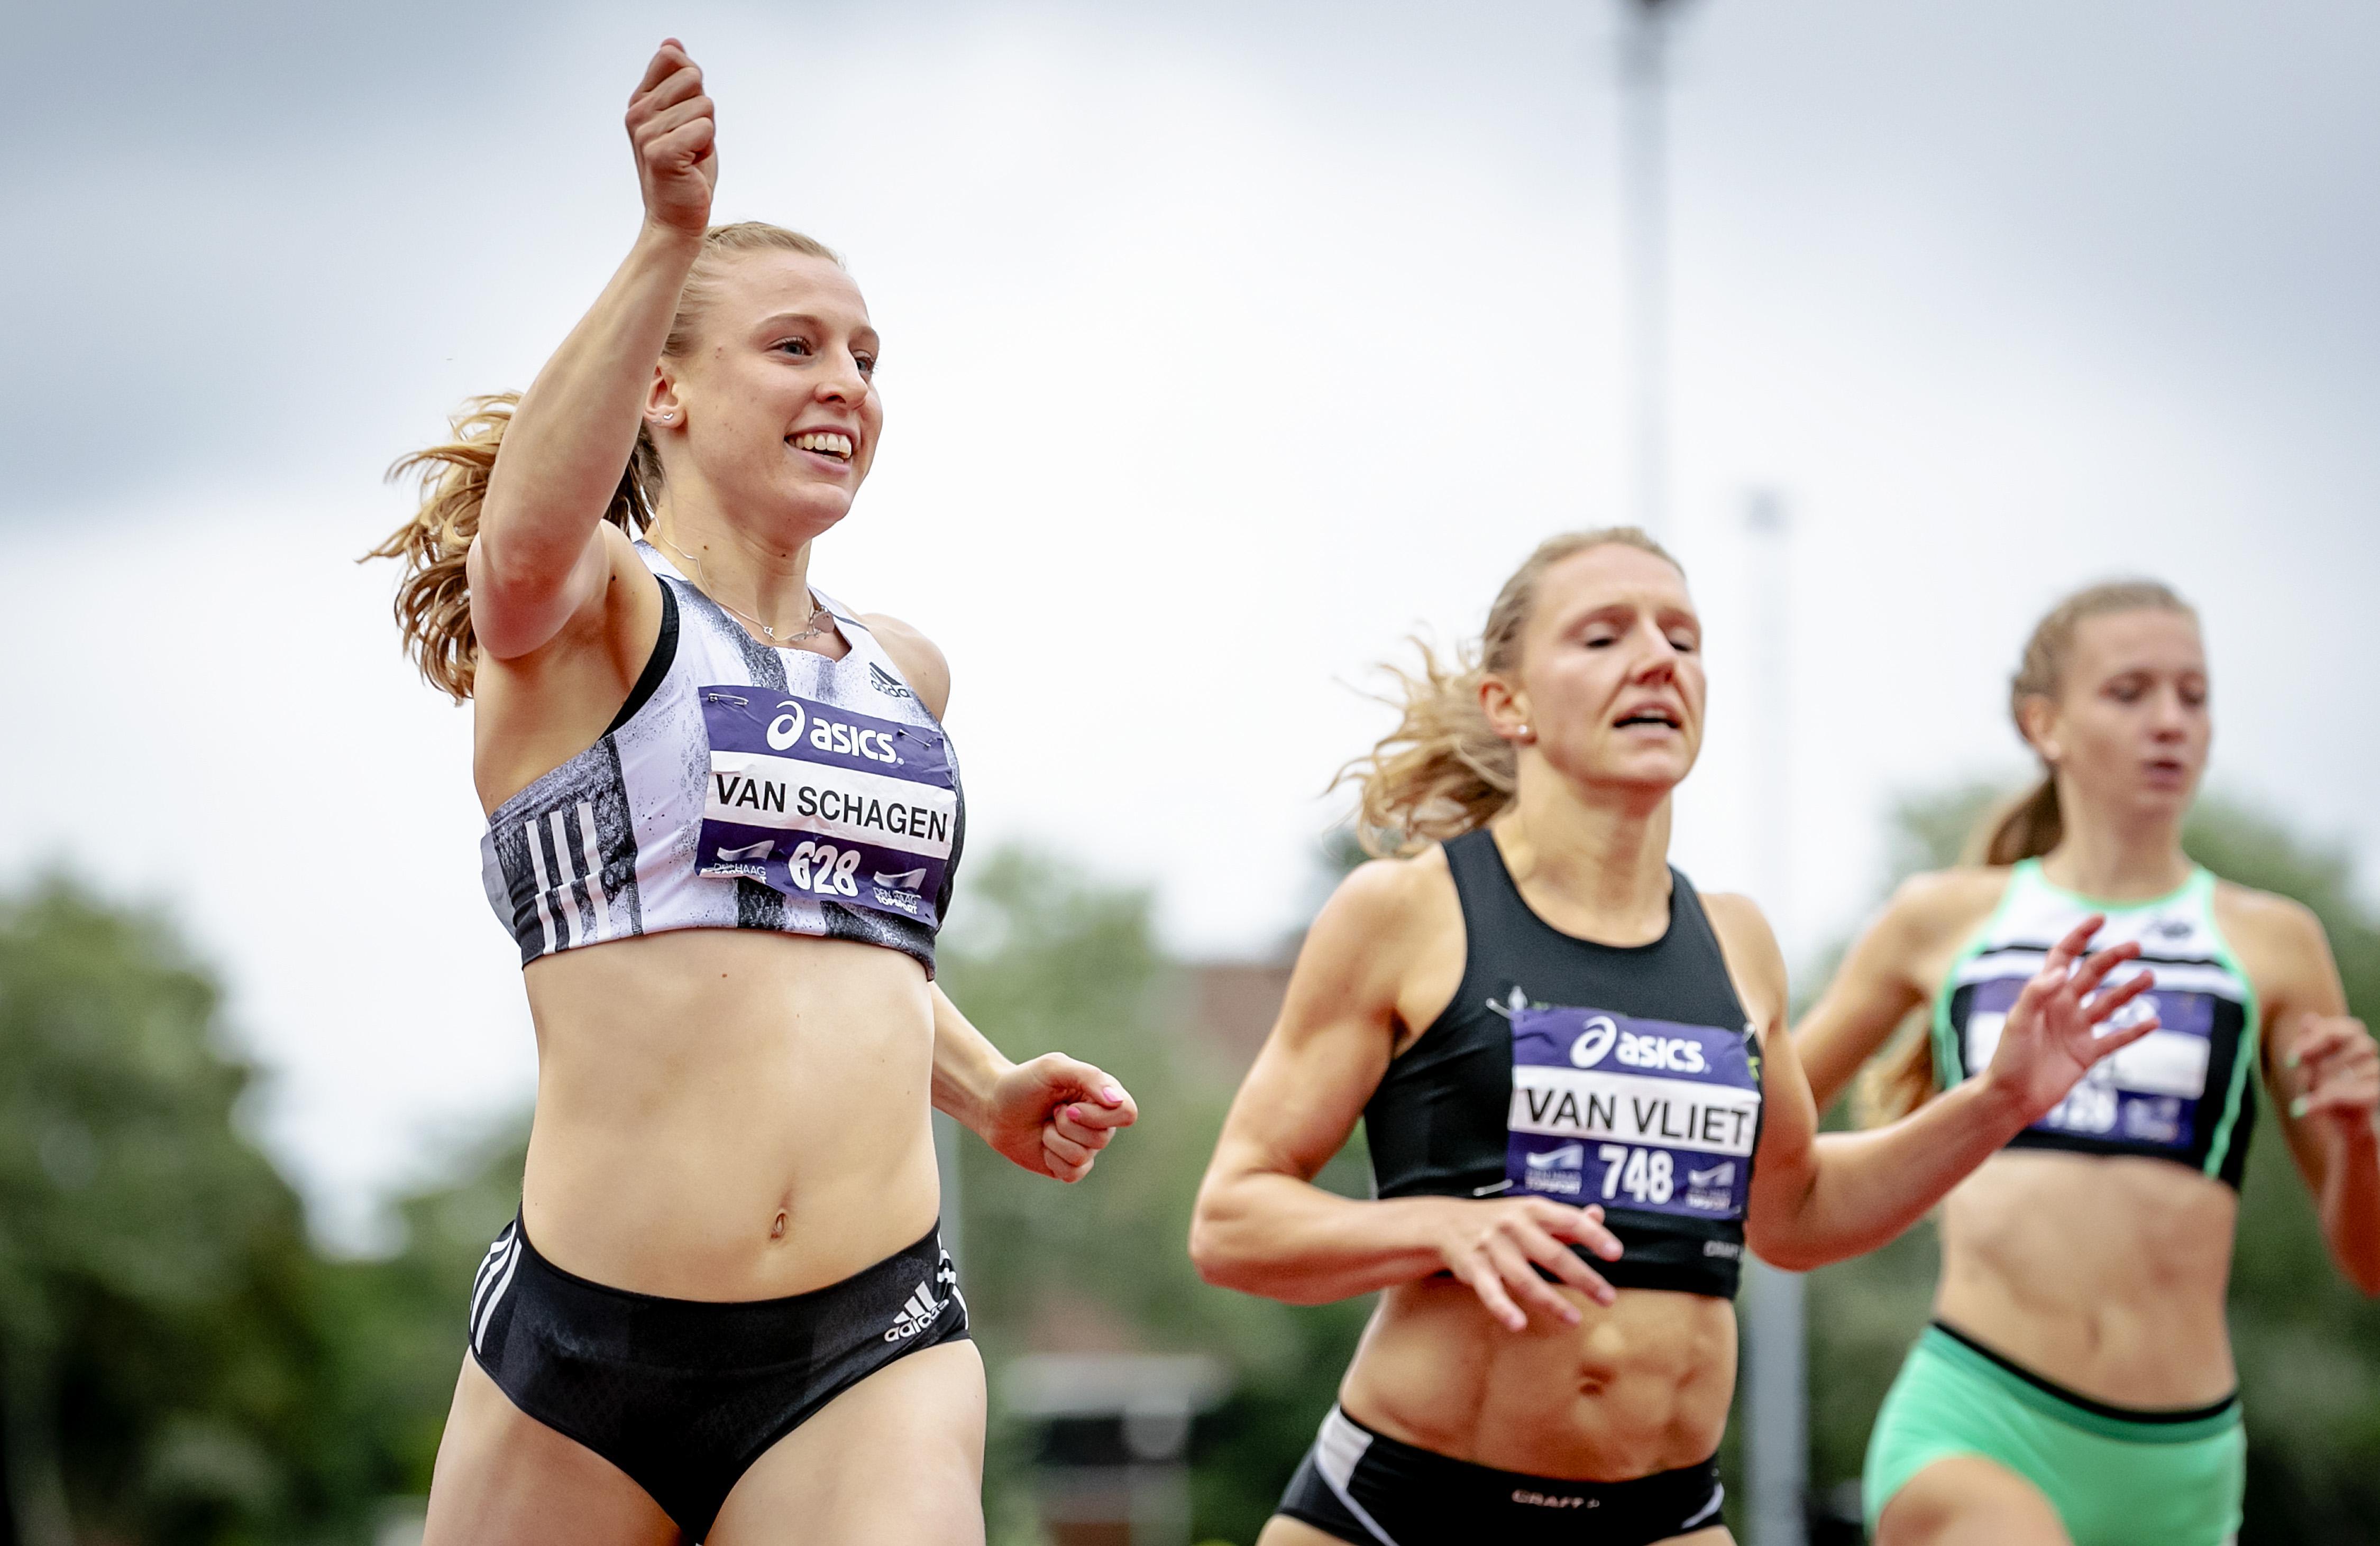 Tessa van Schagen kijkt met veel plezier terug op haar atletiekcarrière: 'Ik wist dat ik hard kon lopen. Maar zo hard...'